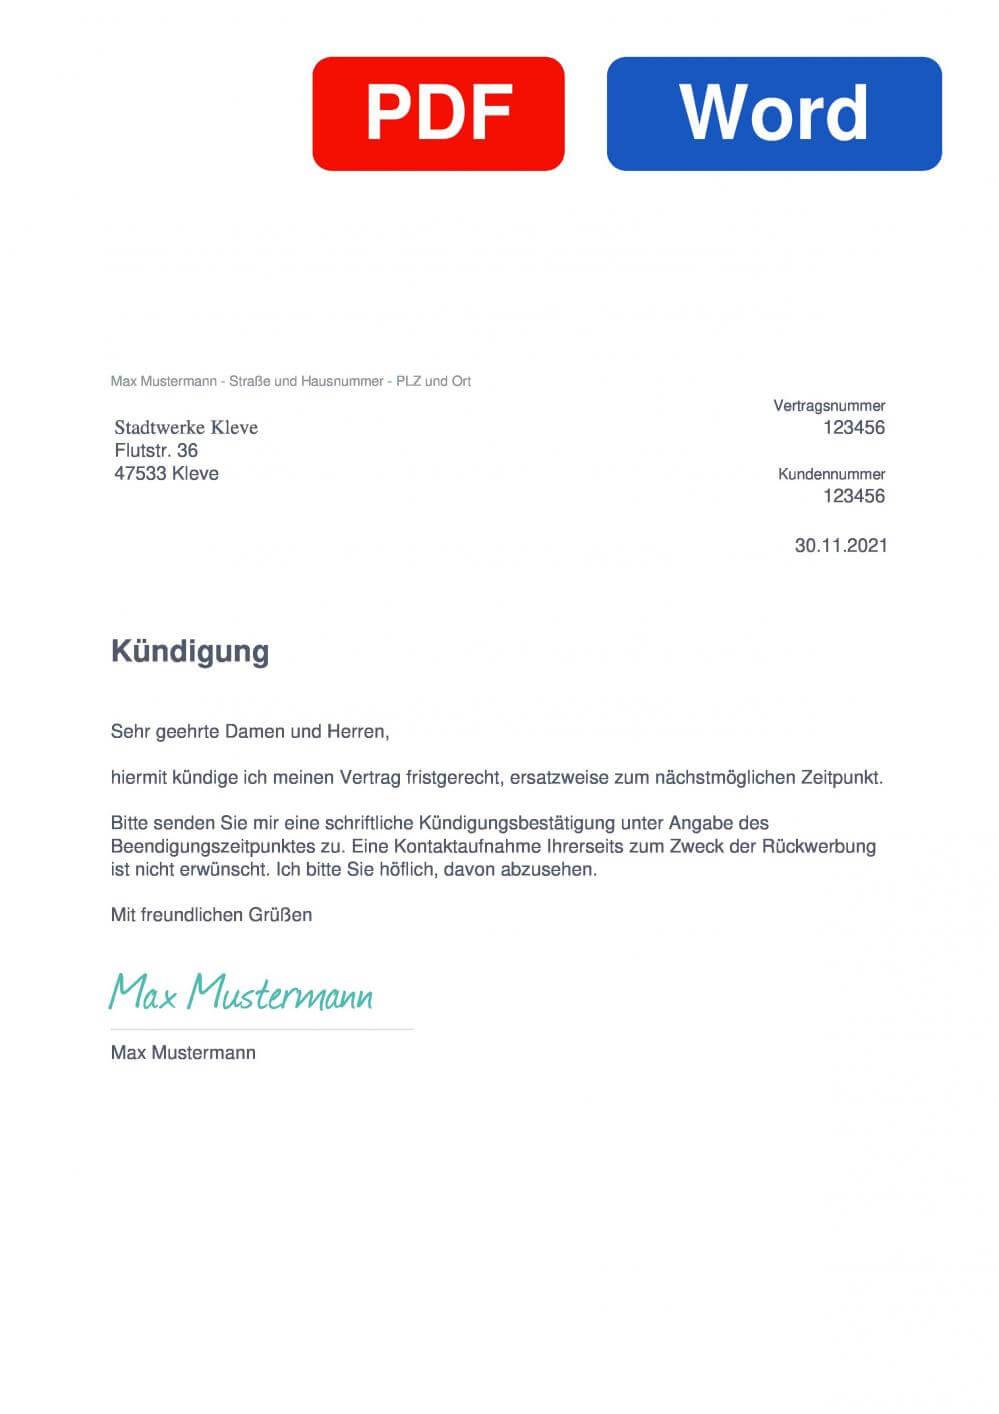 Stadtwerke Kleve Muster Vorlage für Kündigungsschreiben